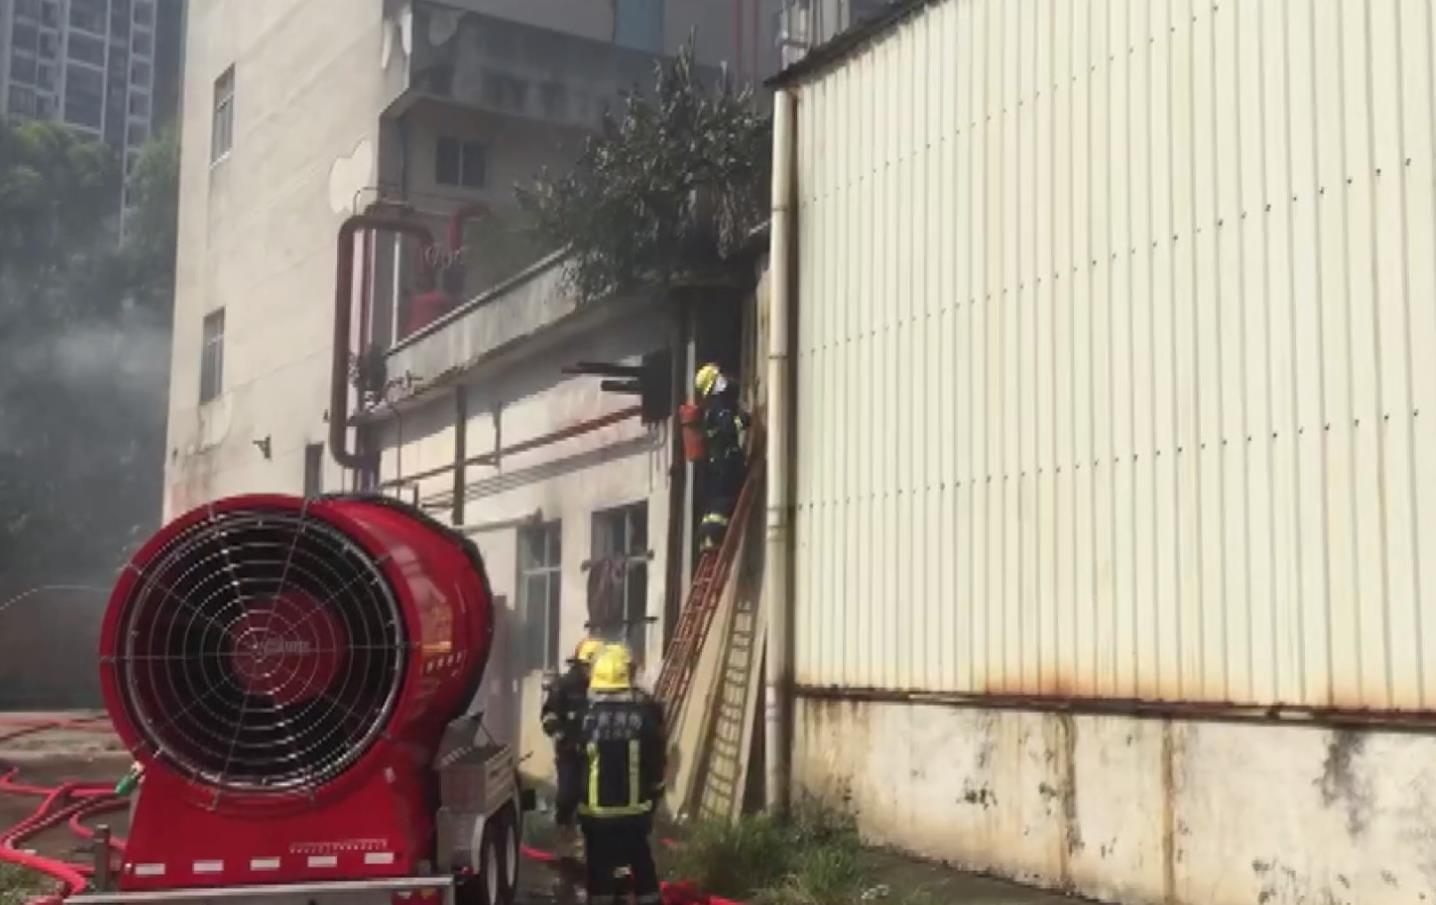 广东湛江一冷冻厂发生大火 暂无人员伤亡报告